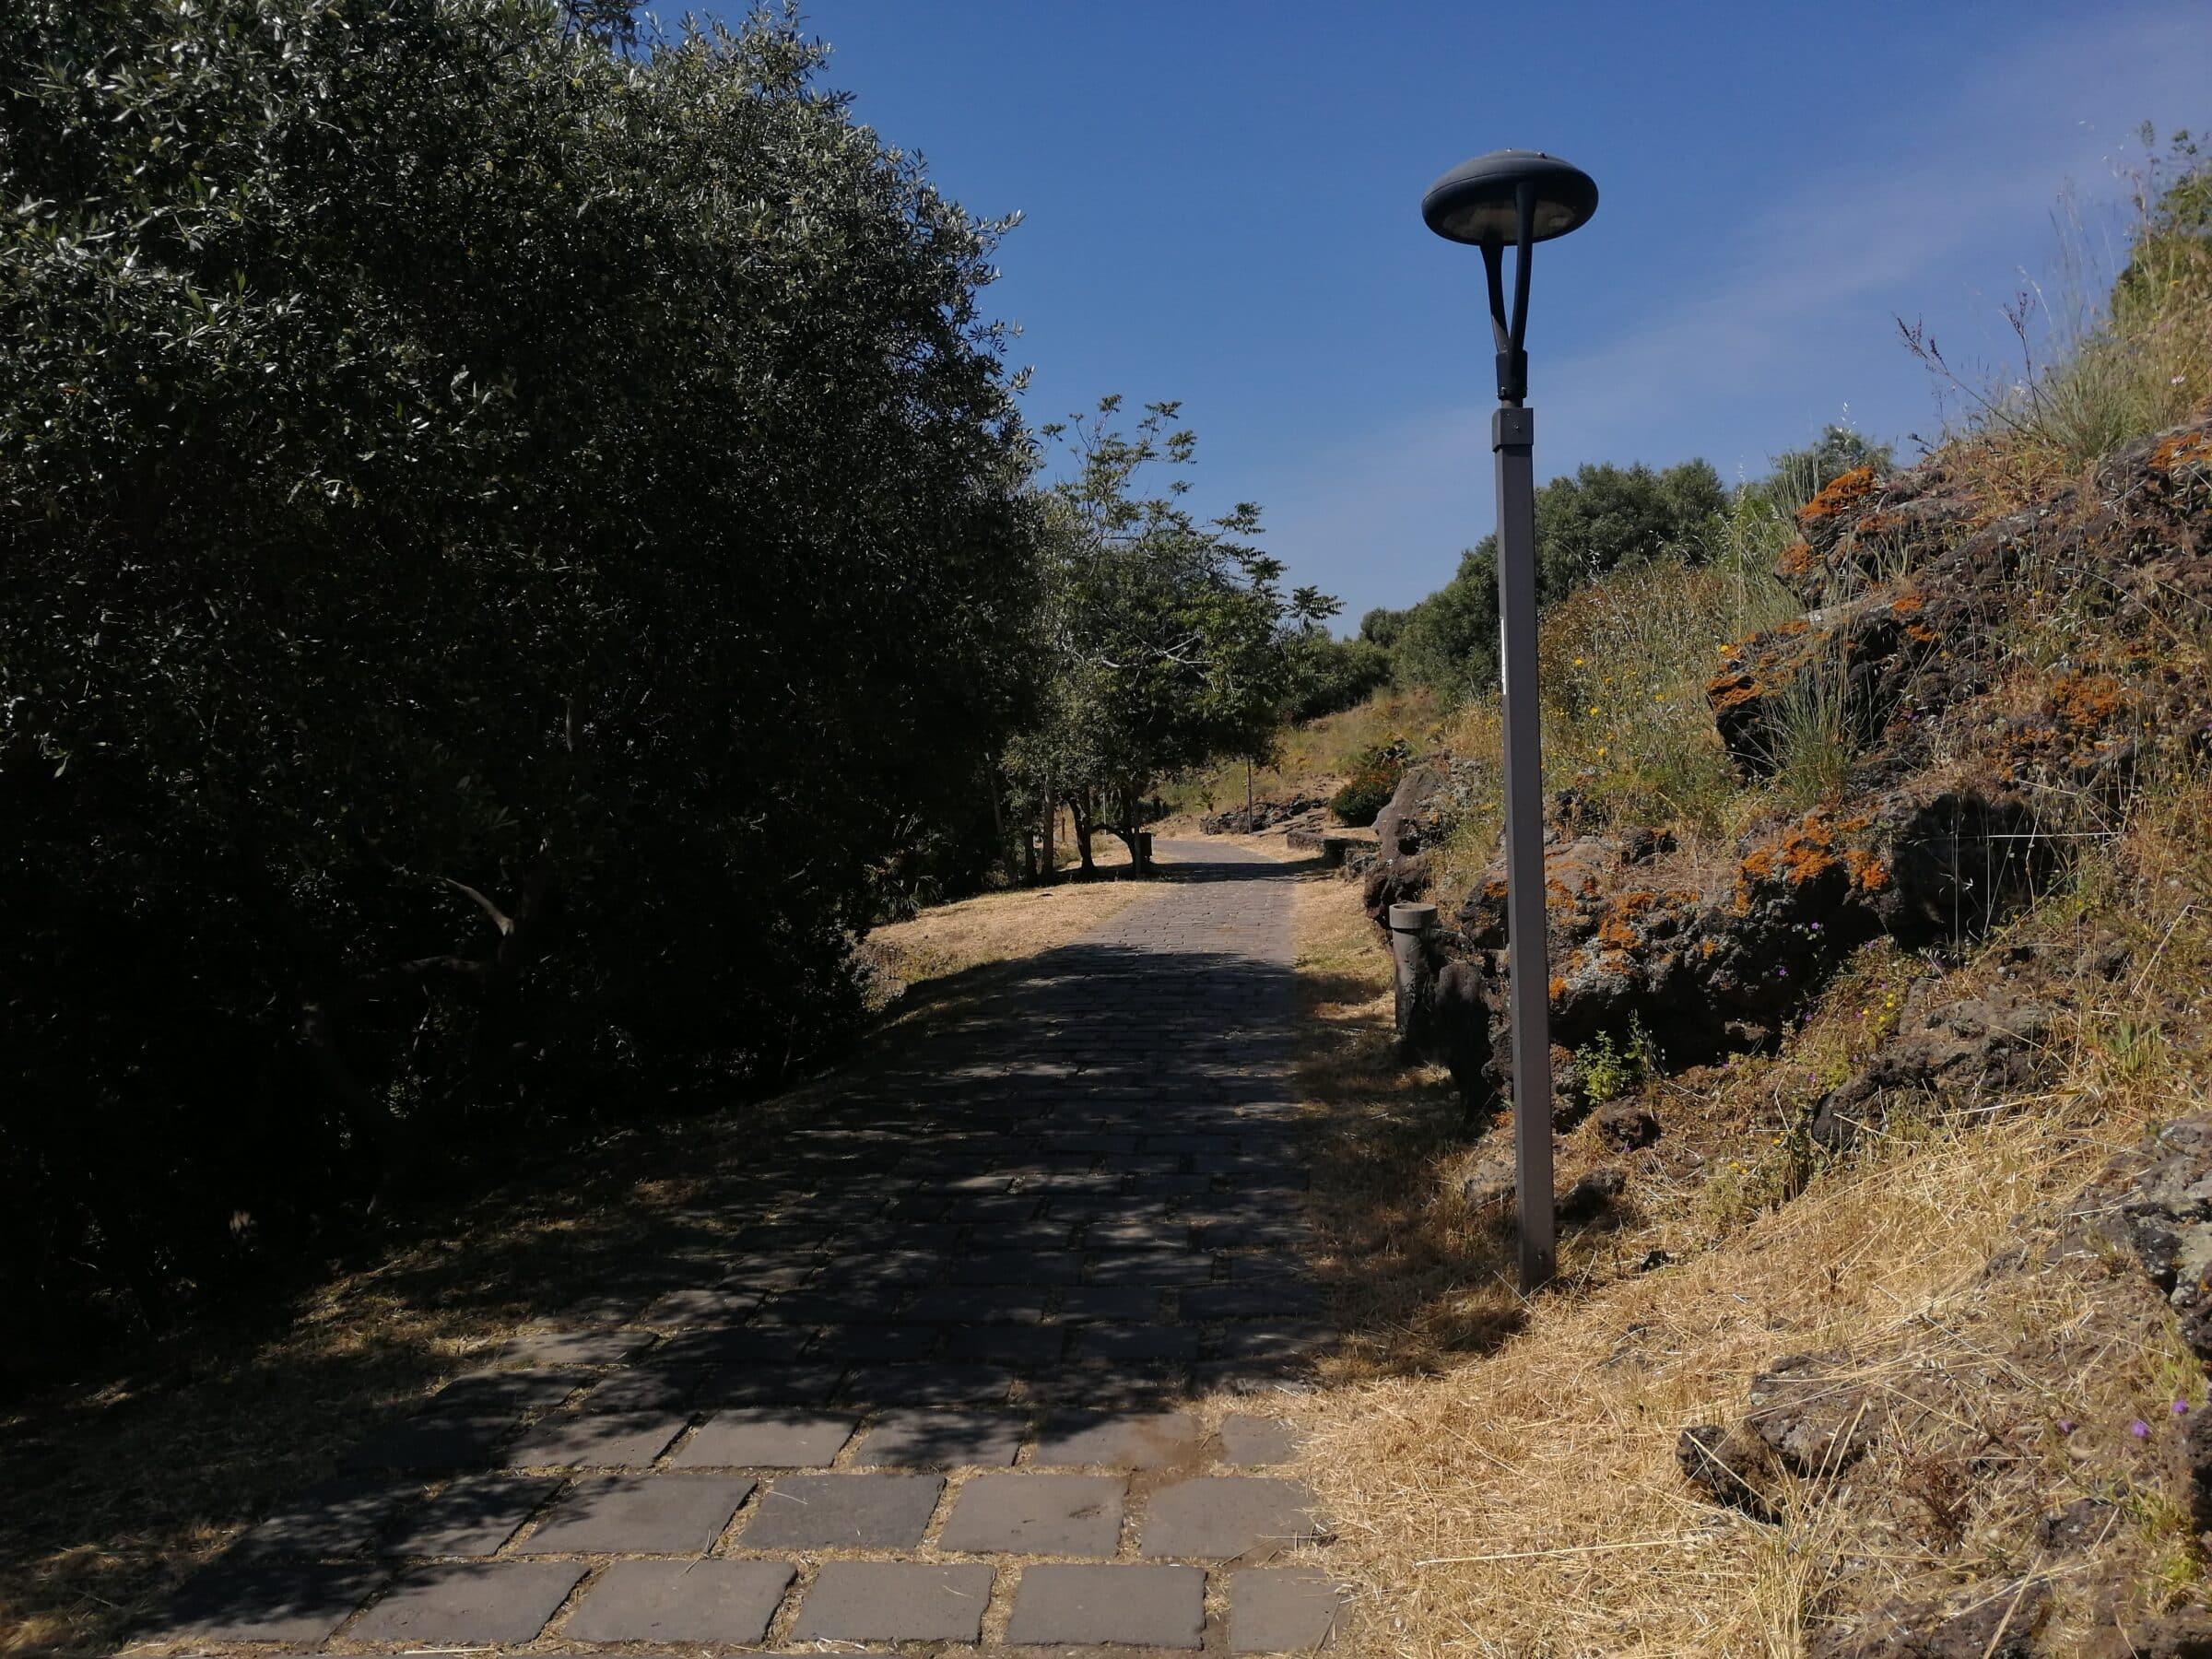 Recupero e piani di rilancio per il parco Gioeni di Catania: le proposte del Presidente Ferrara (III Municipio)